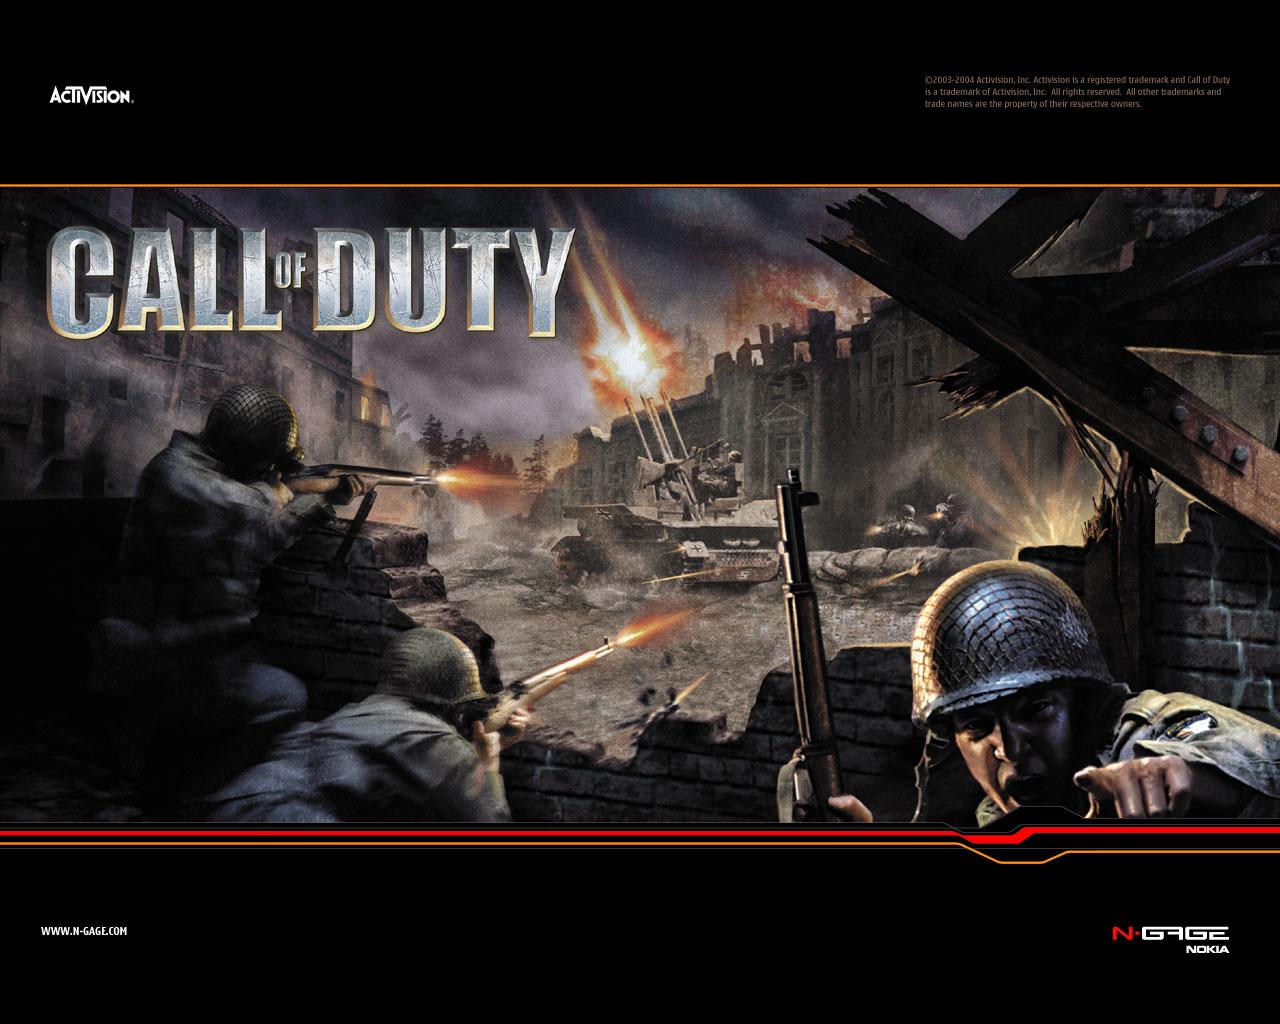 Cod 壁紙 Ps2 Online Games 壁紙 99855 ファンポップ